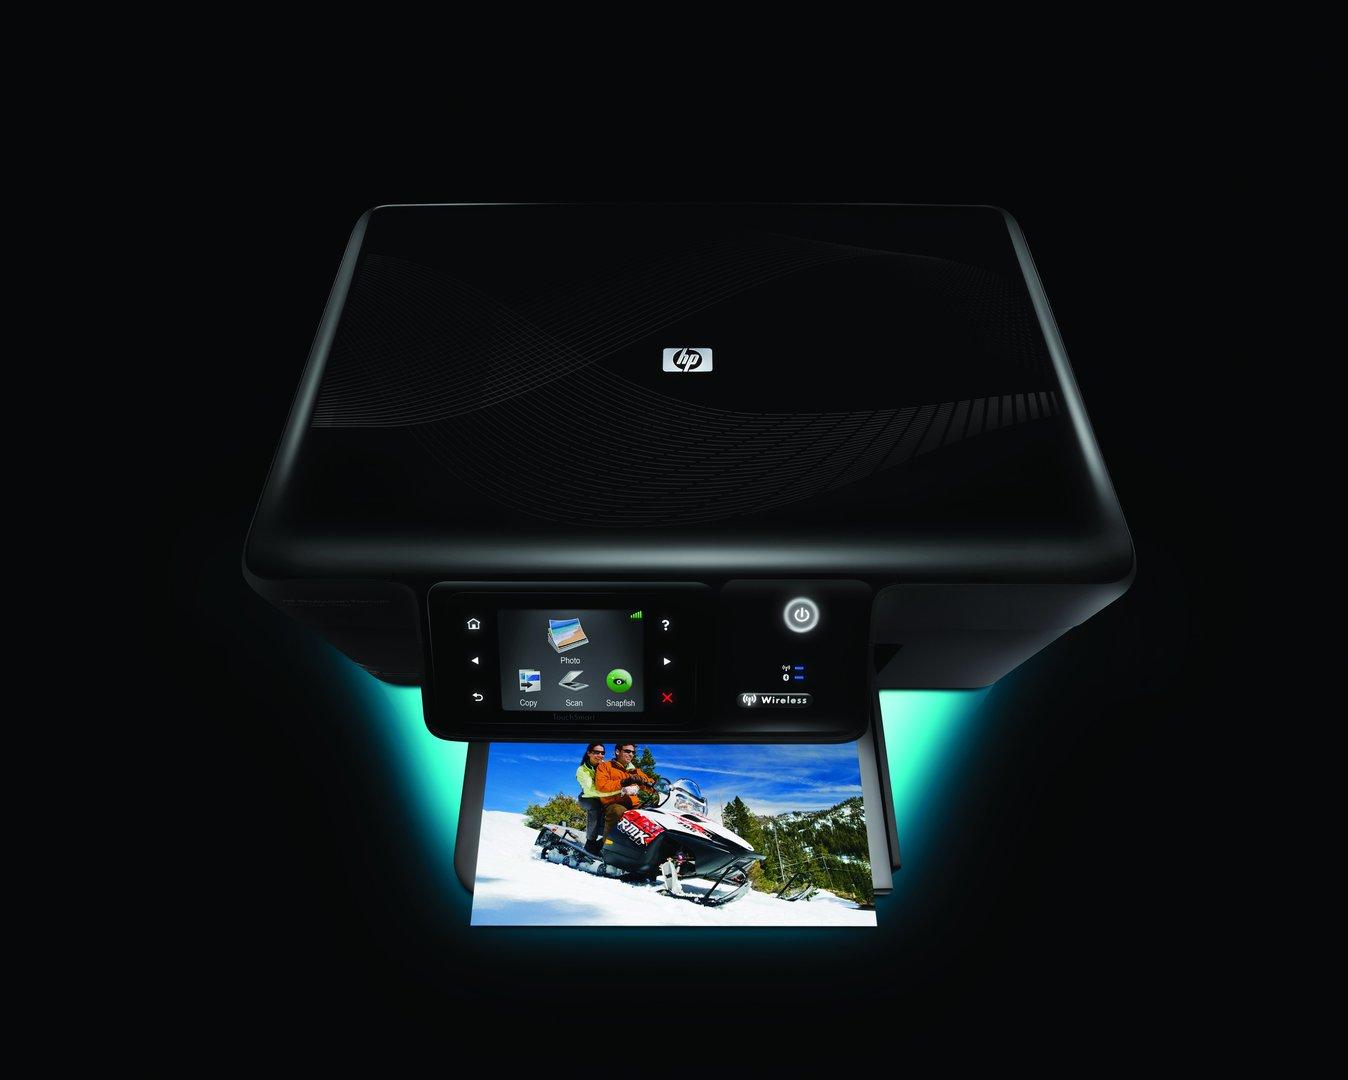 HP Photosmart Premium